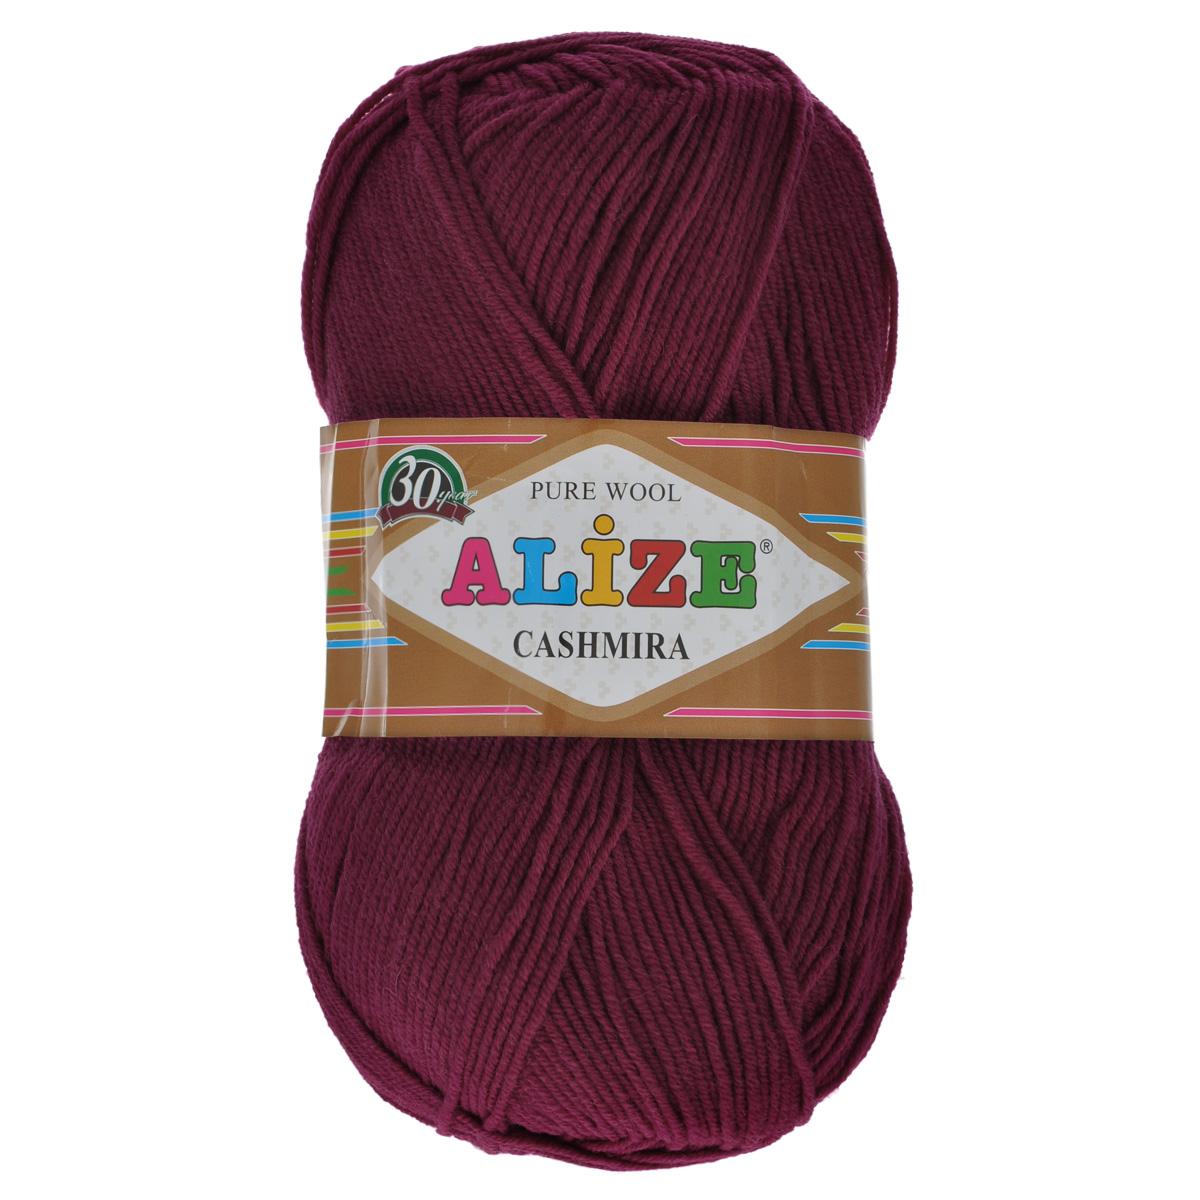 Пряжа для вязания Alize Cashmira, цвет: бордовый (57), 300 м, 100 г, 5 шт цена